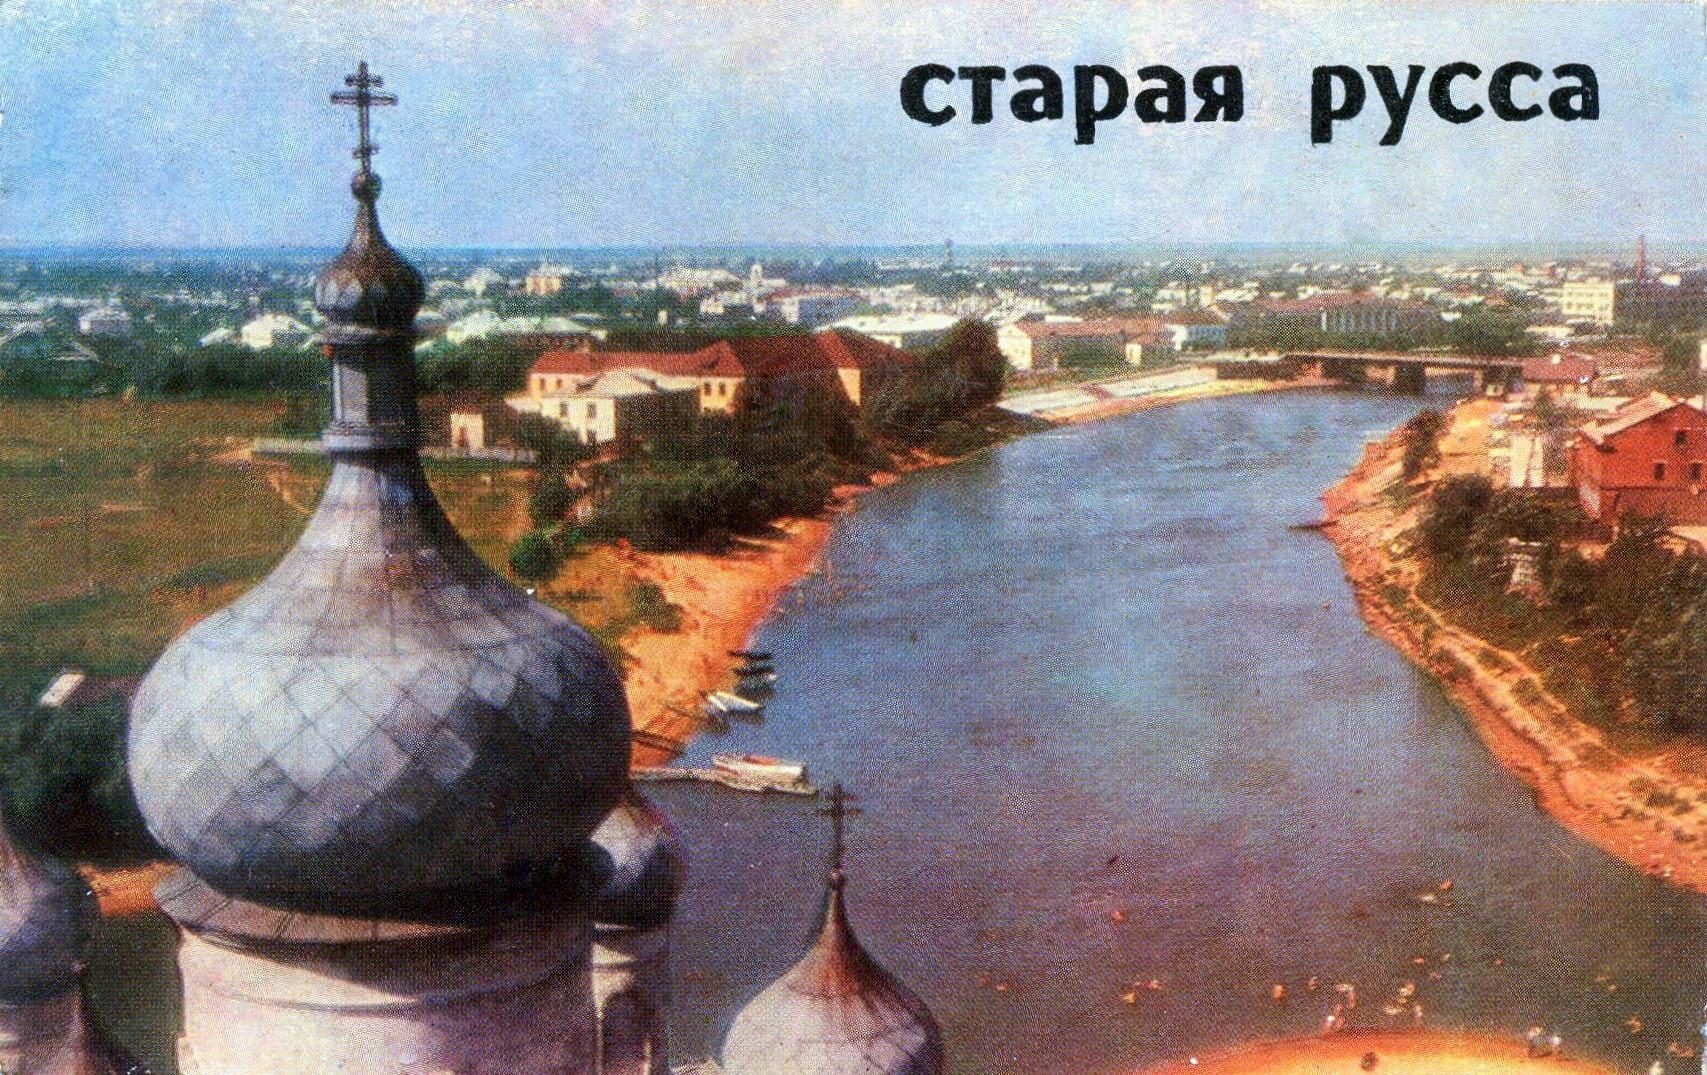 ZAVODFOTO / История городов России в фотографиях: Старая Русса в 1968 году